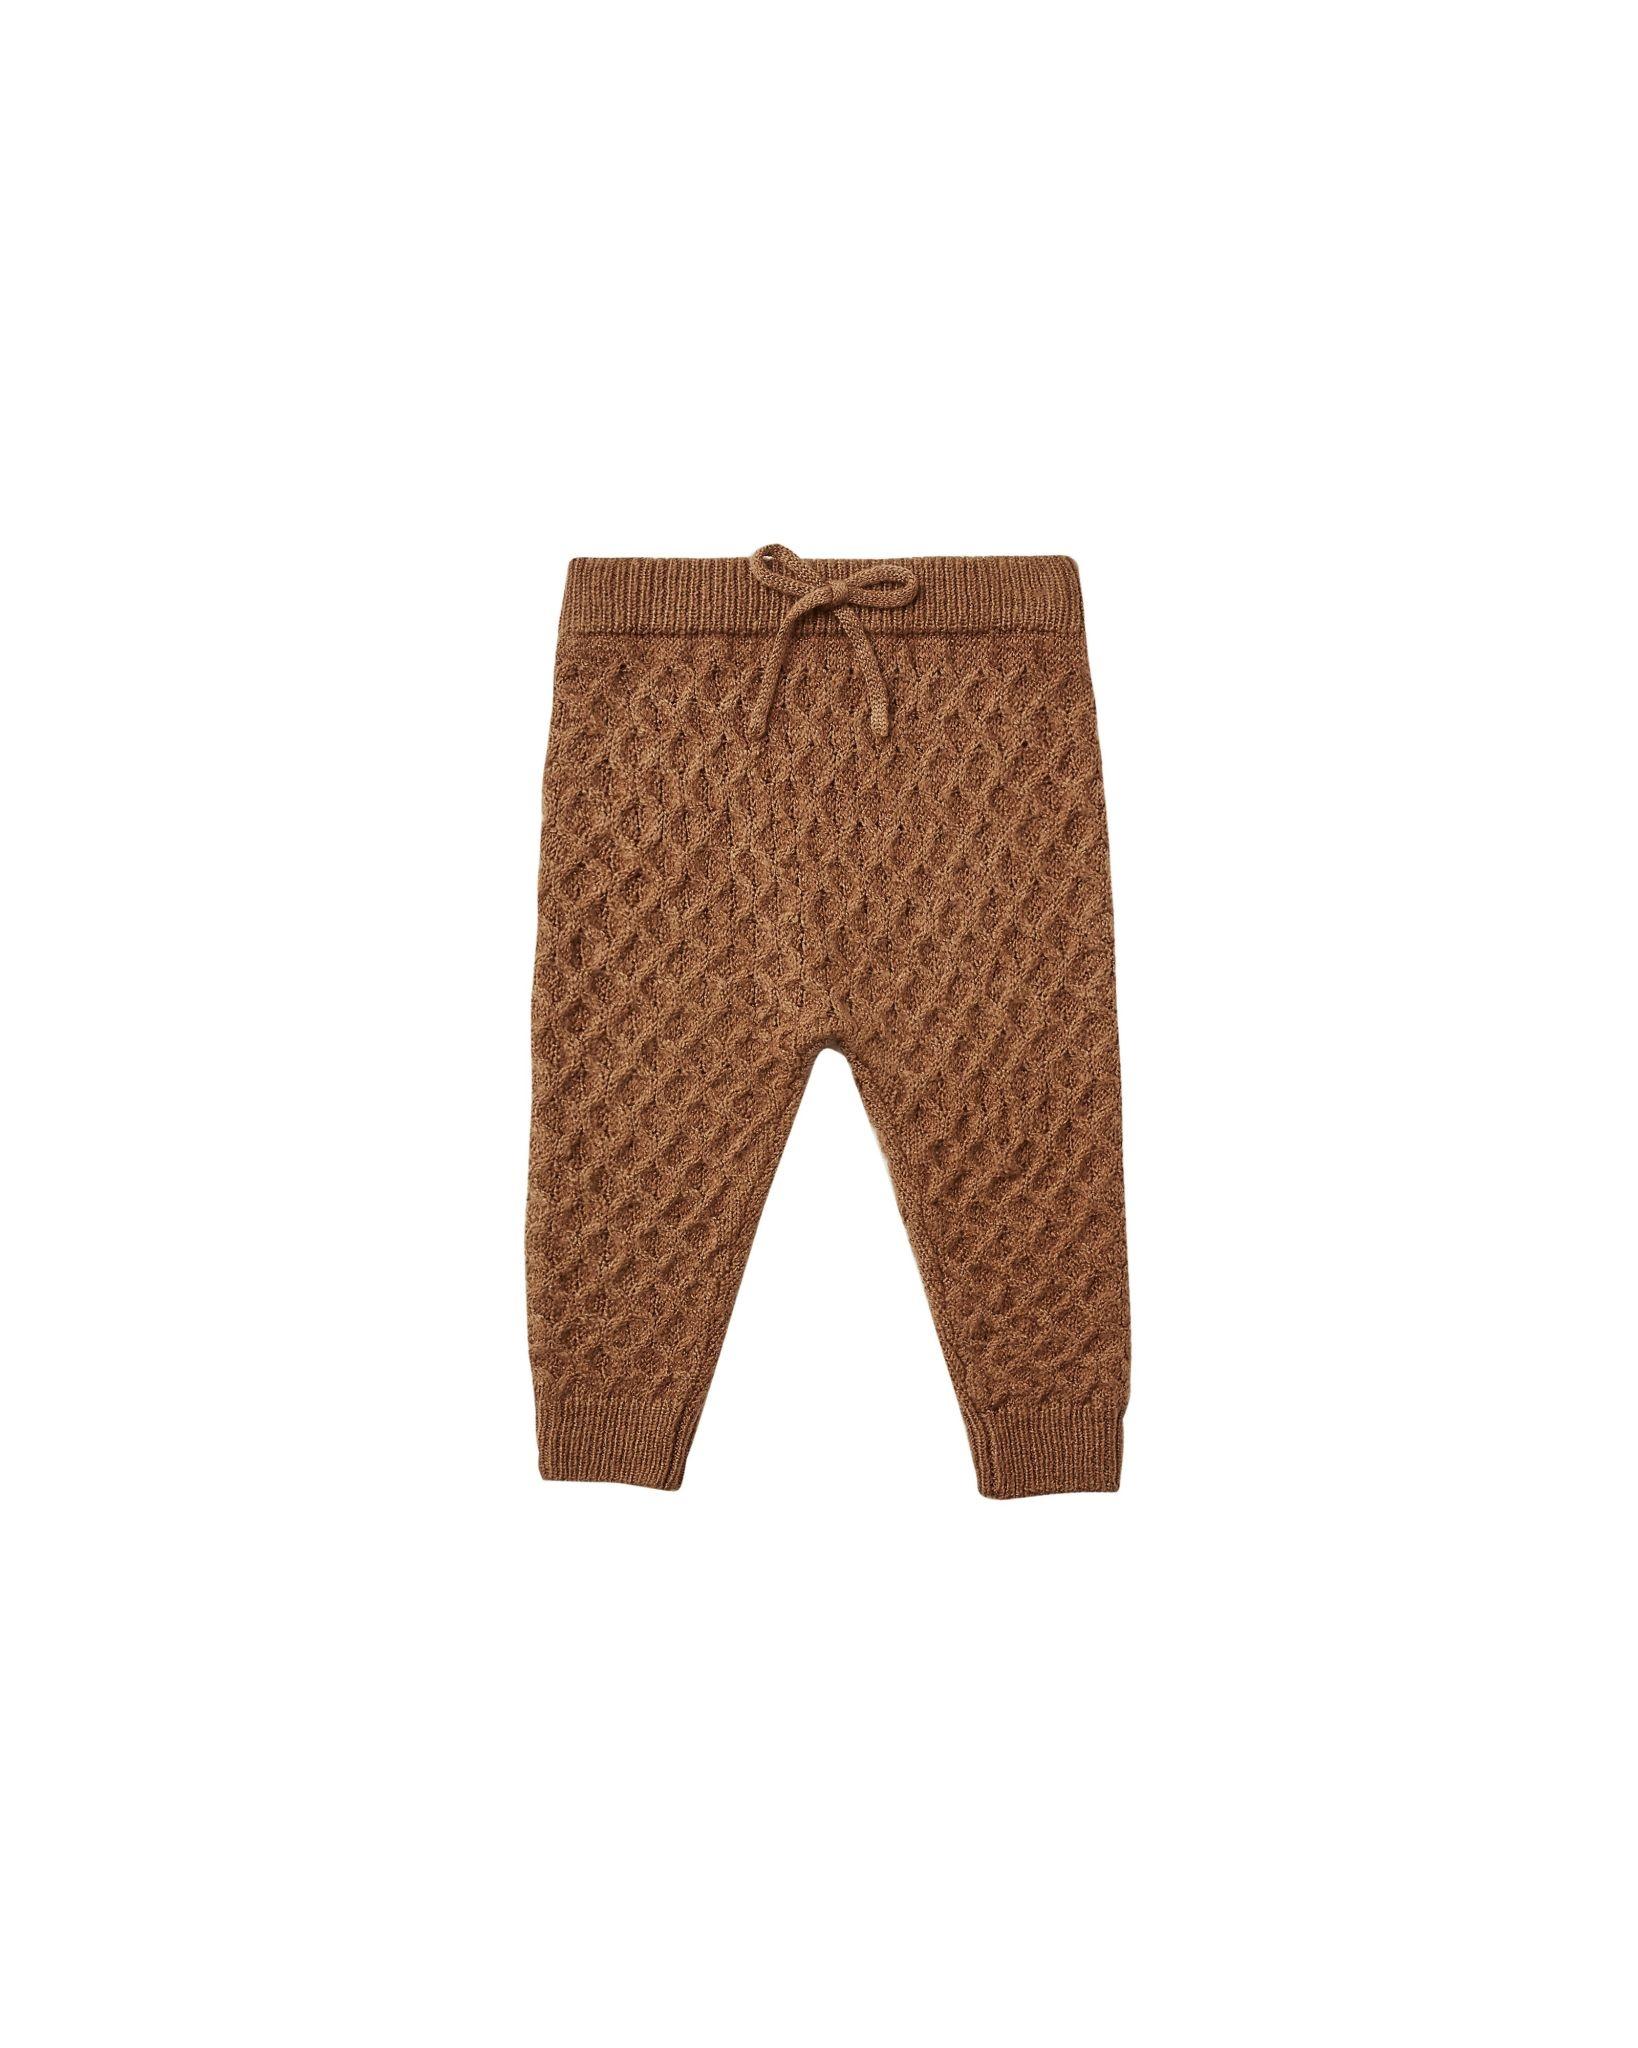 Rylee and Cru Rylee & Cru Knit Gable Pant